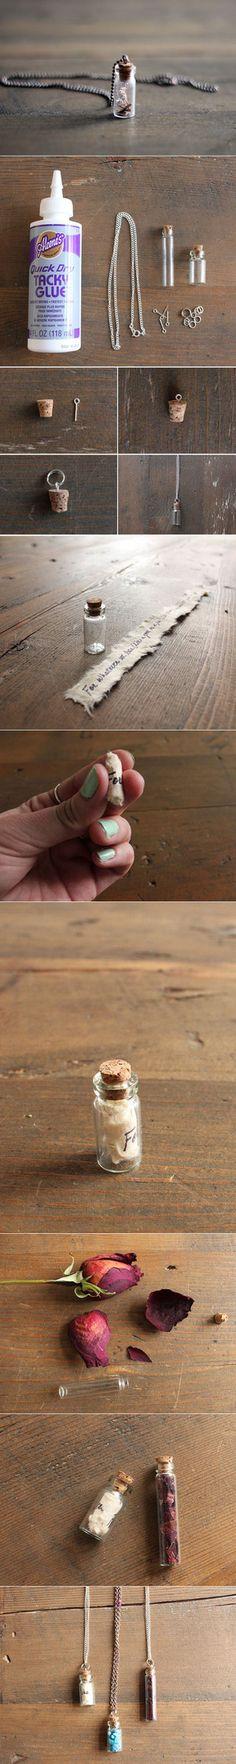 一起去流浪——DIY手工漂流瓶项链http://www.52souluo.com/49583.html - 堆糖 发现生活_收集美好_分享图片